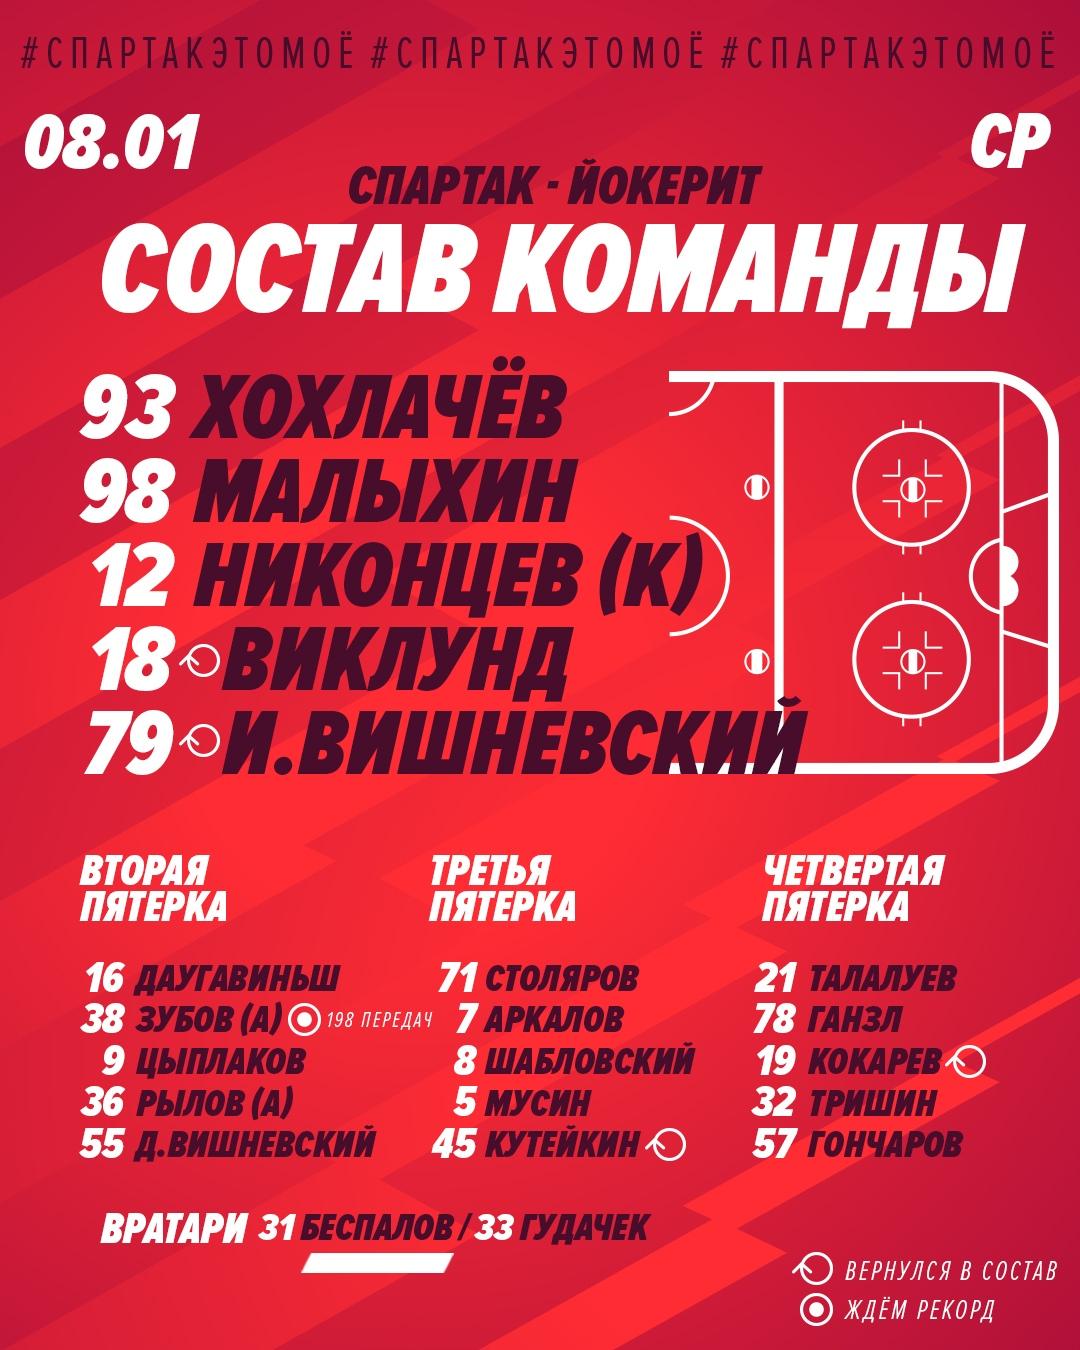 Состав «Спартака» на матч с «Йокеритом»